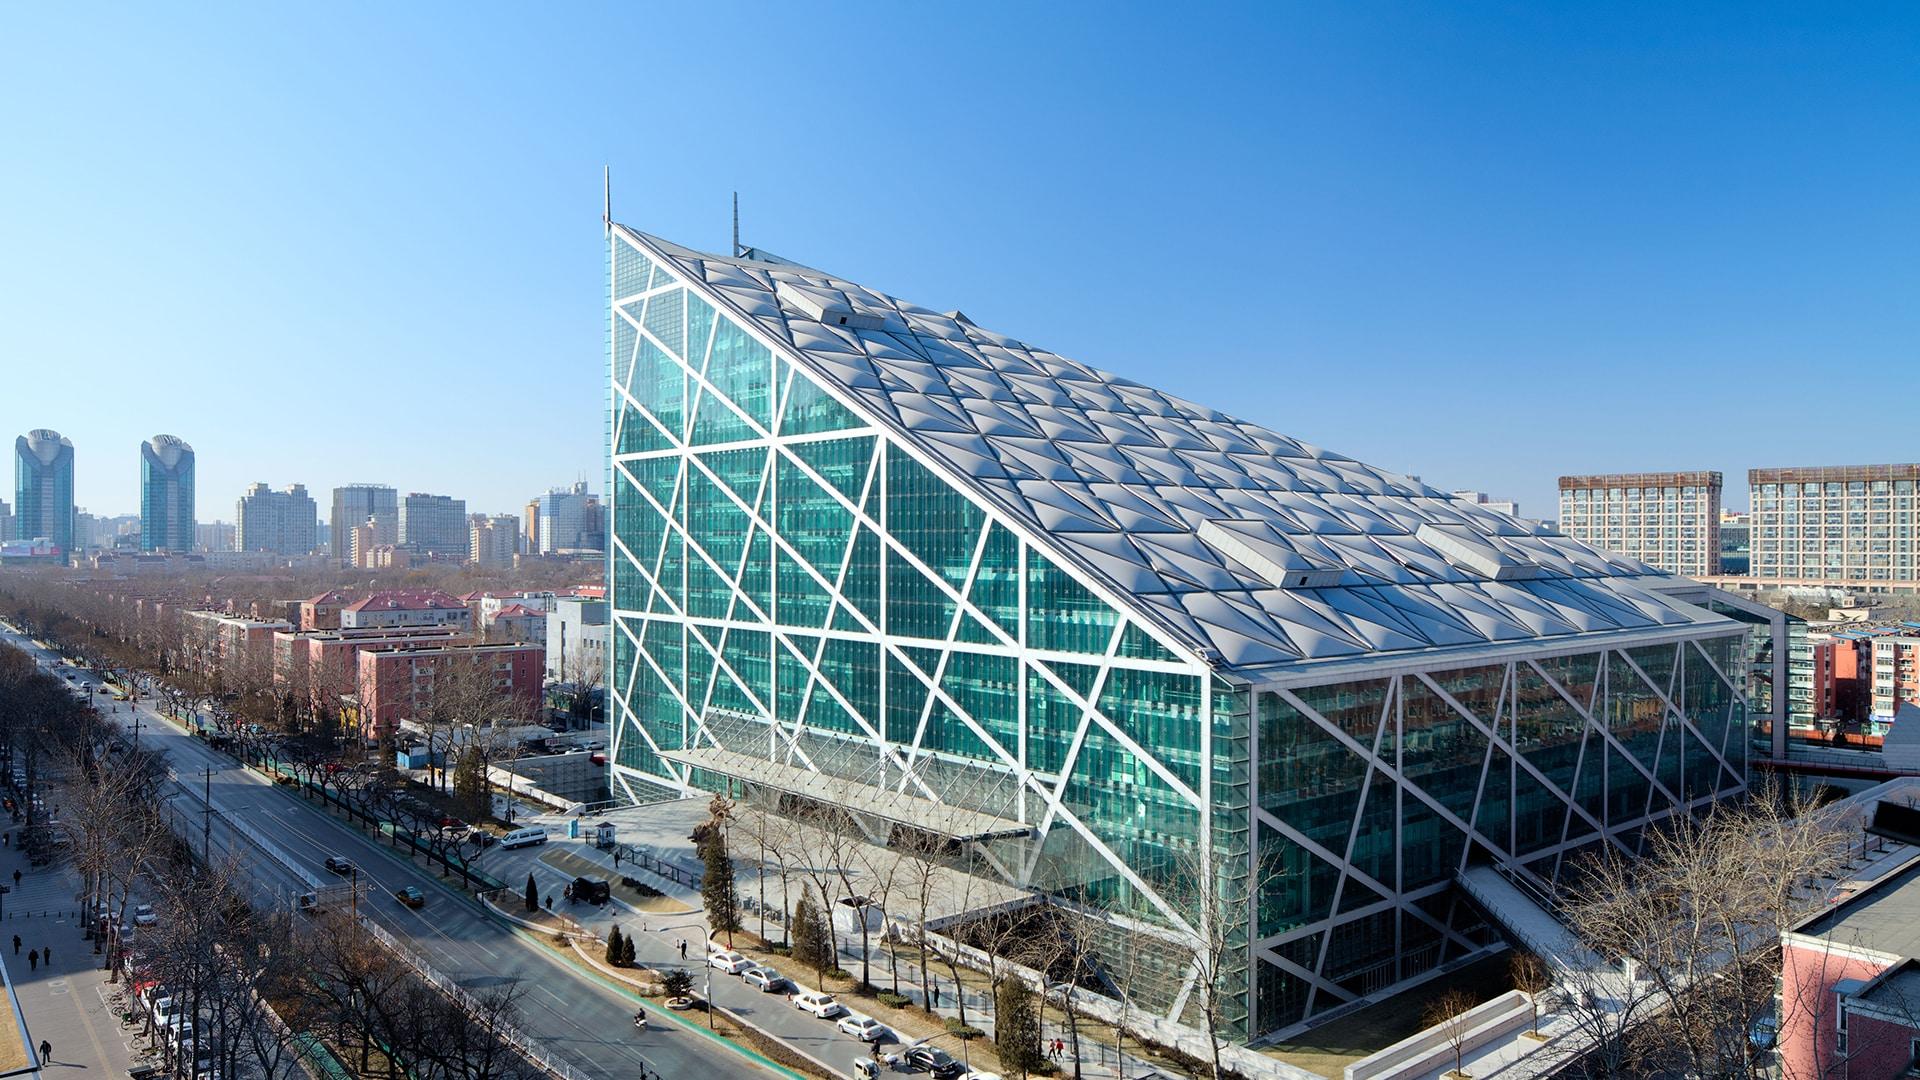 Nachhaltigkeit ist ein zentraler Bestandteil unserer Philosophie und beeinflusst jeden Aspekt des Designs der Texlon® ETFE-Gebäudehüllen.